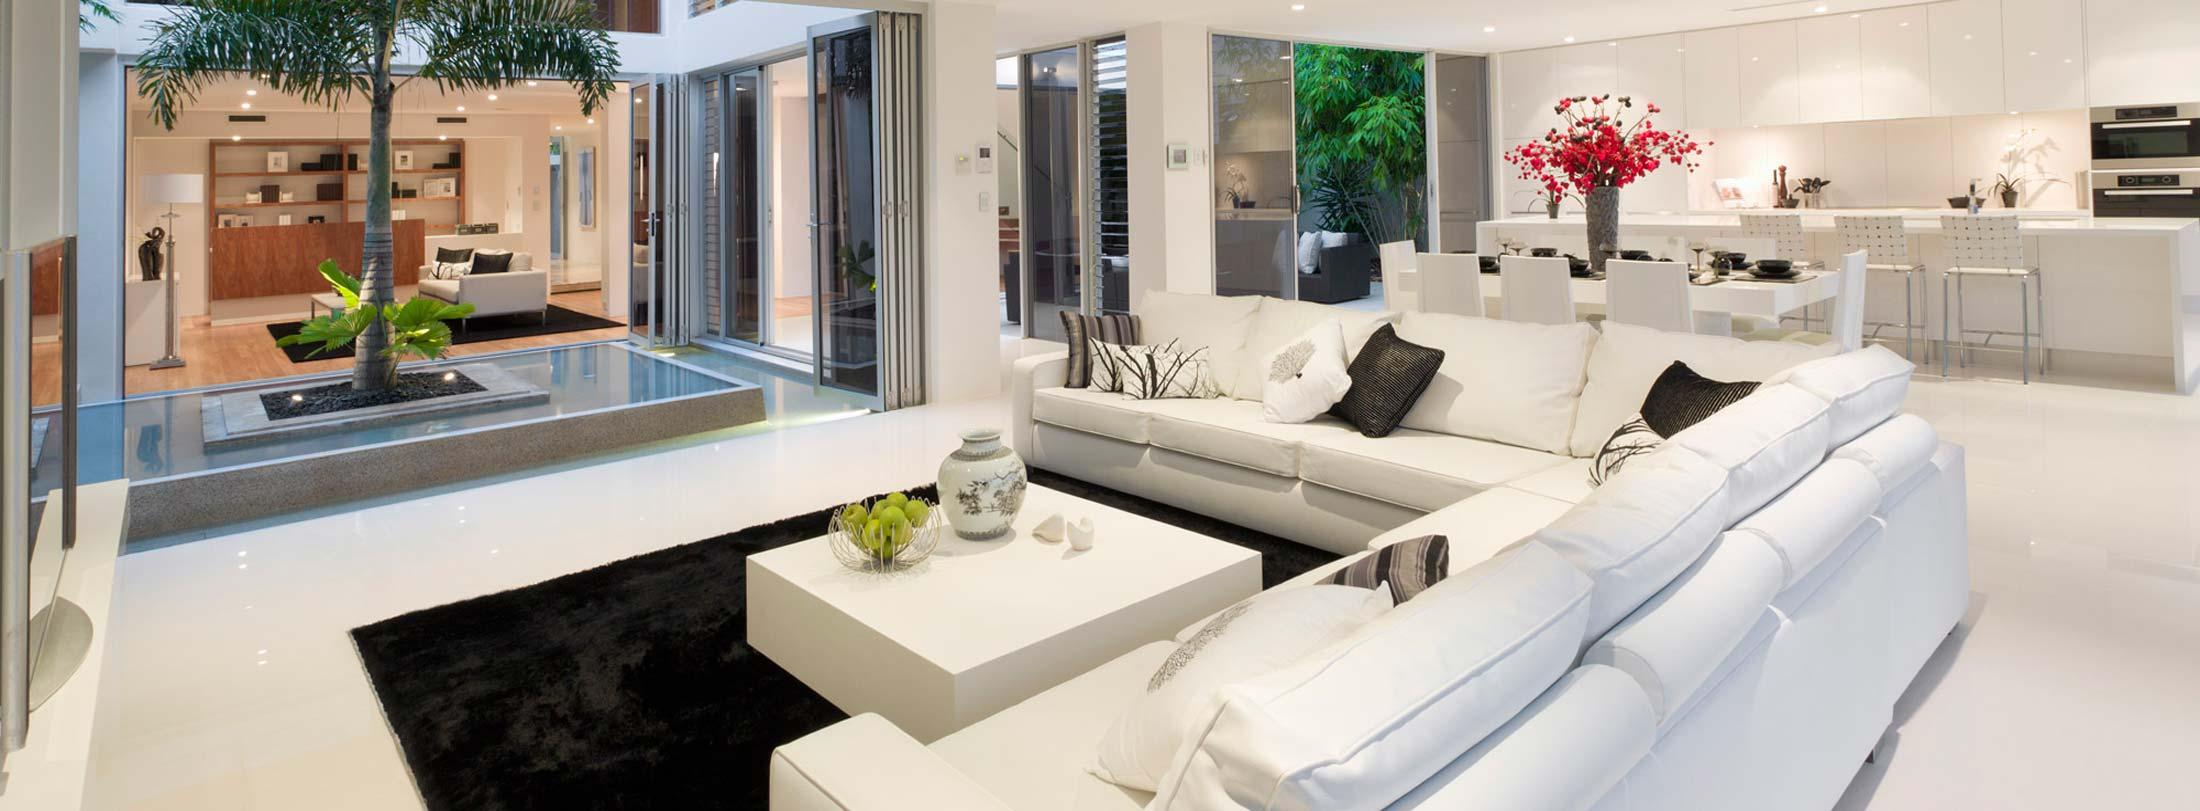 Con soli Euro 5000 finanziamento prima casa GARANTITO